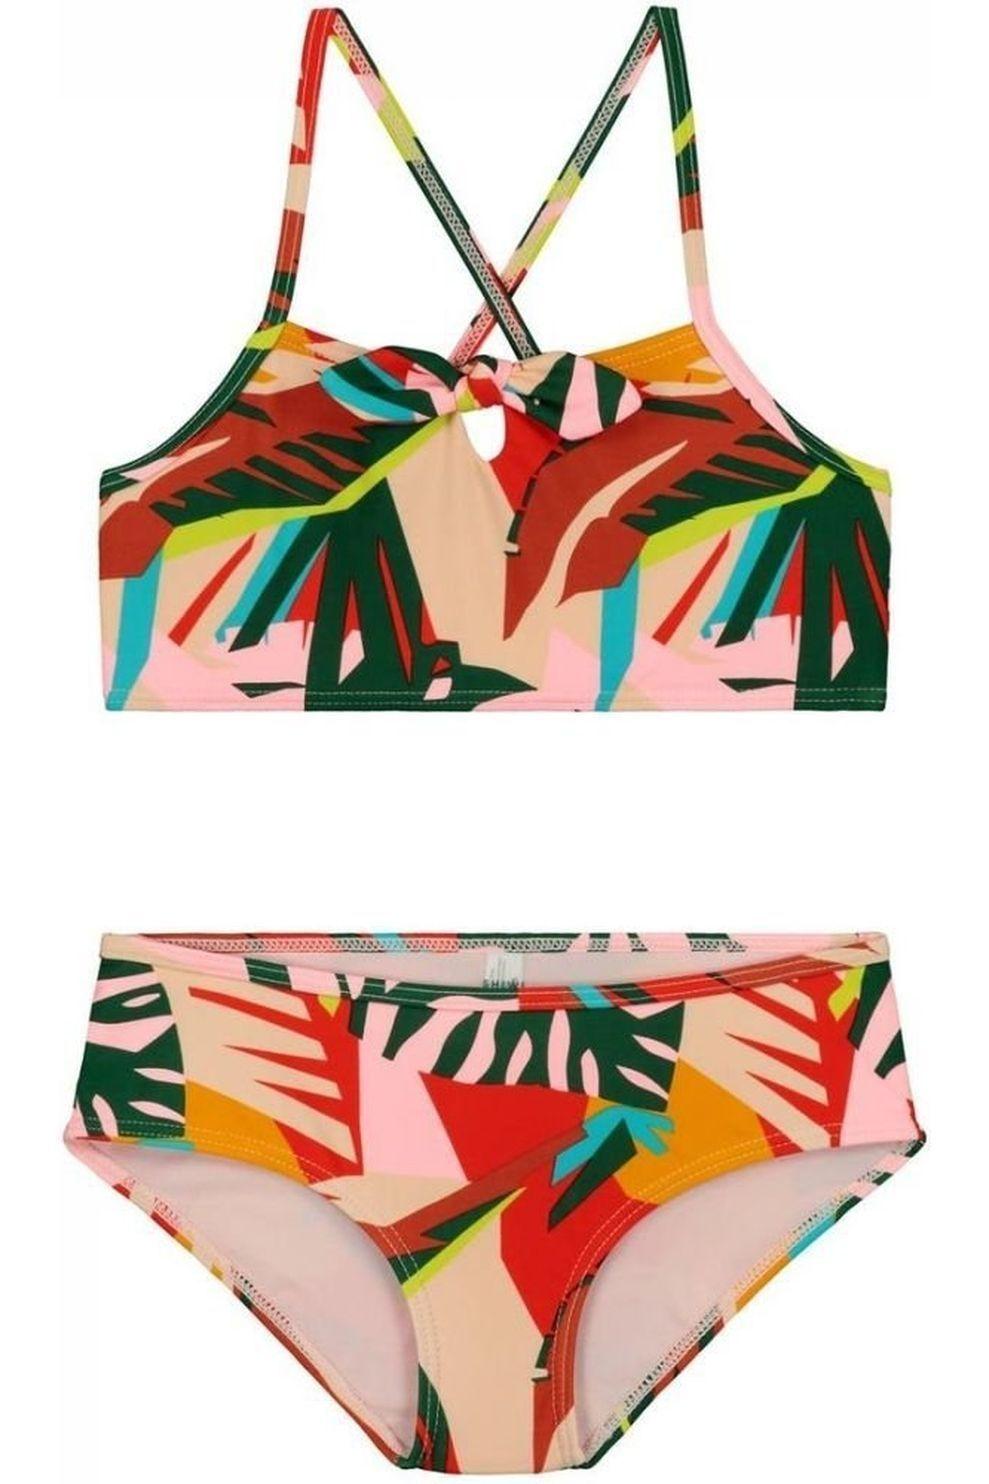 Shiwi Bikini Frangipani Scoop voor meisjes - Roze/ Gemengd - Maat: 176